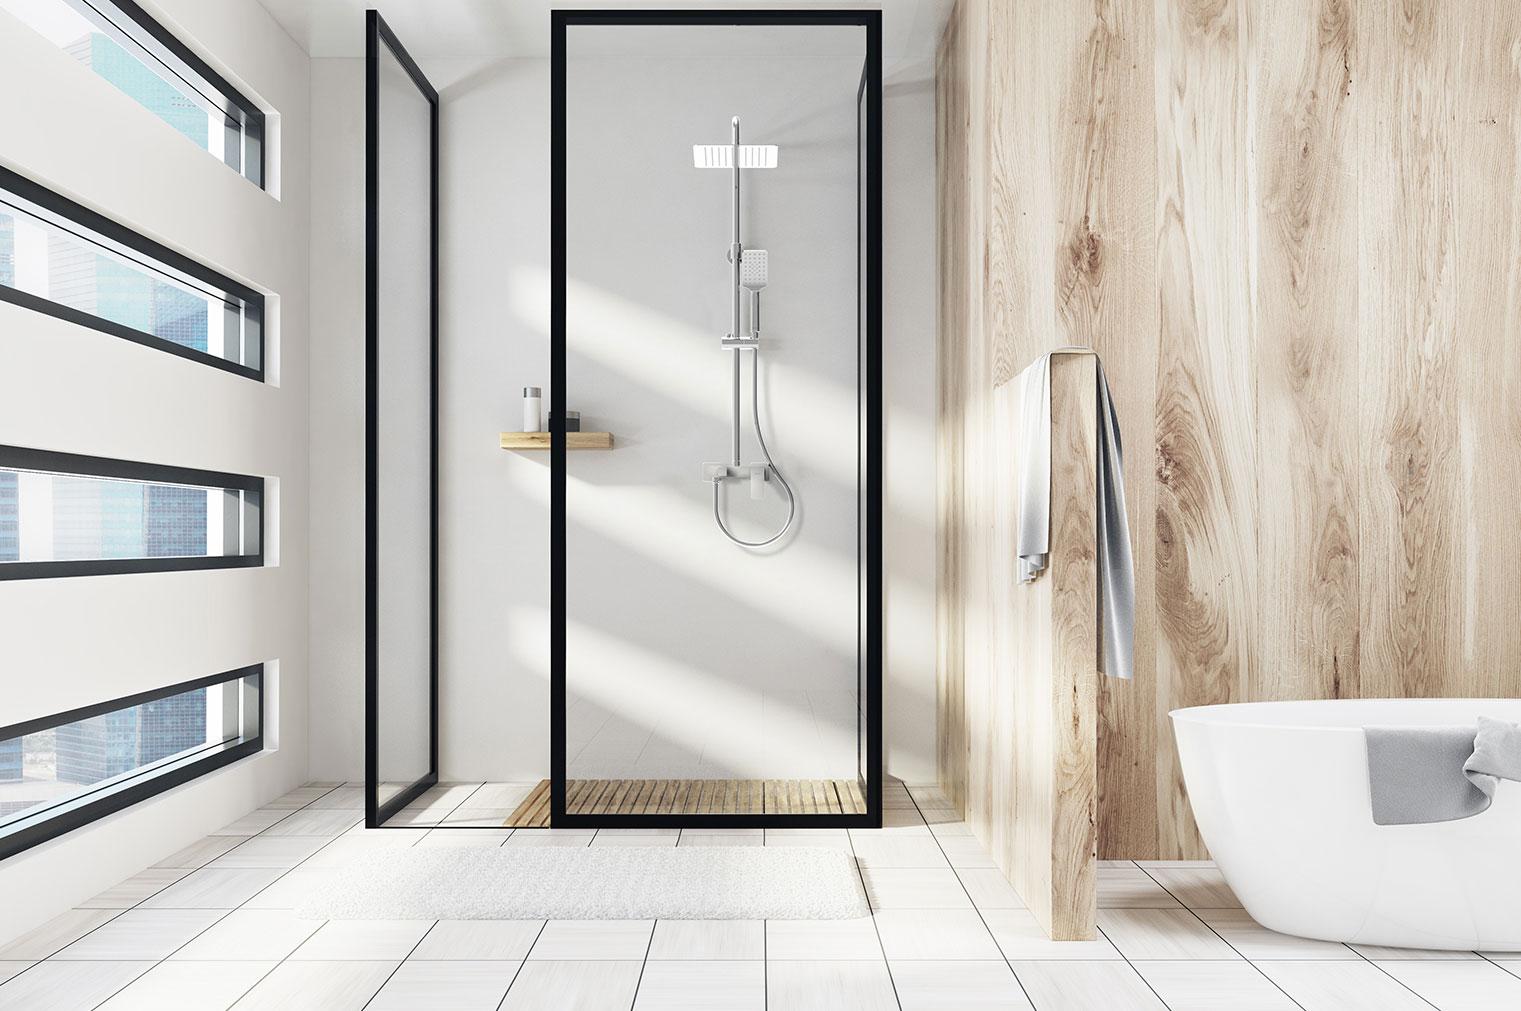 LB55740-showersk-catrina-dizajn